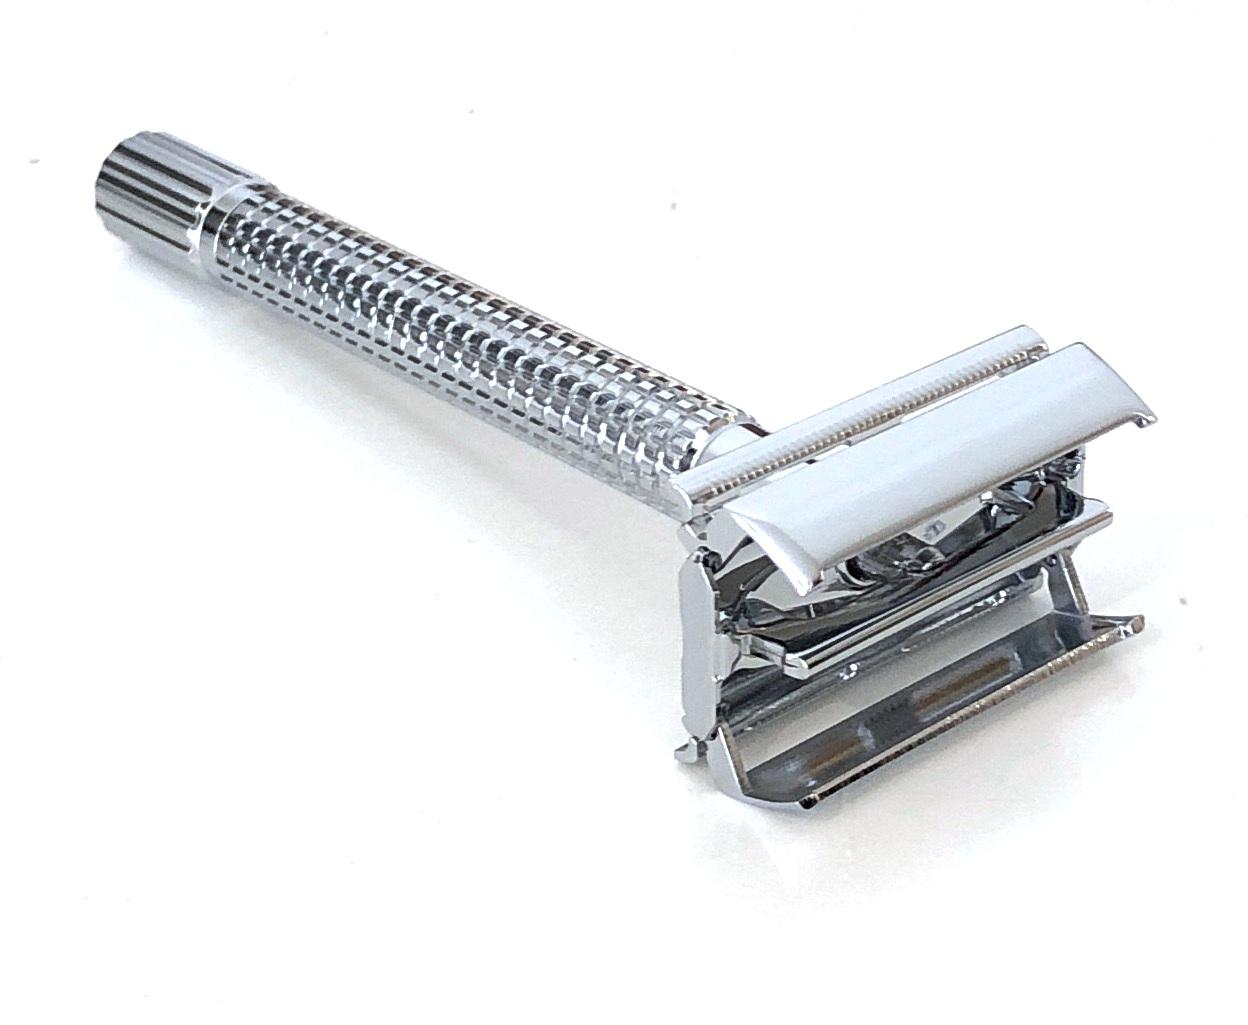 סכין גילוח של פעם בפתיחת פרפר ידית ארוכה